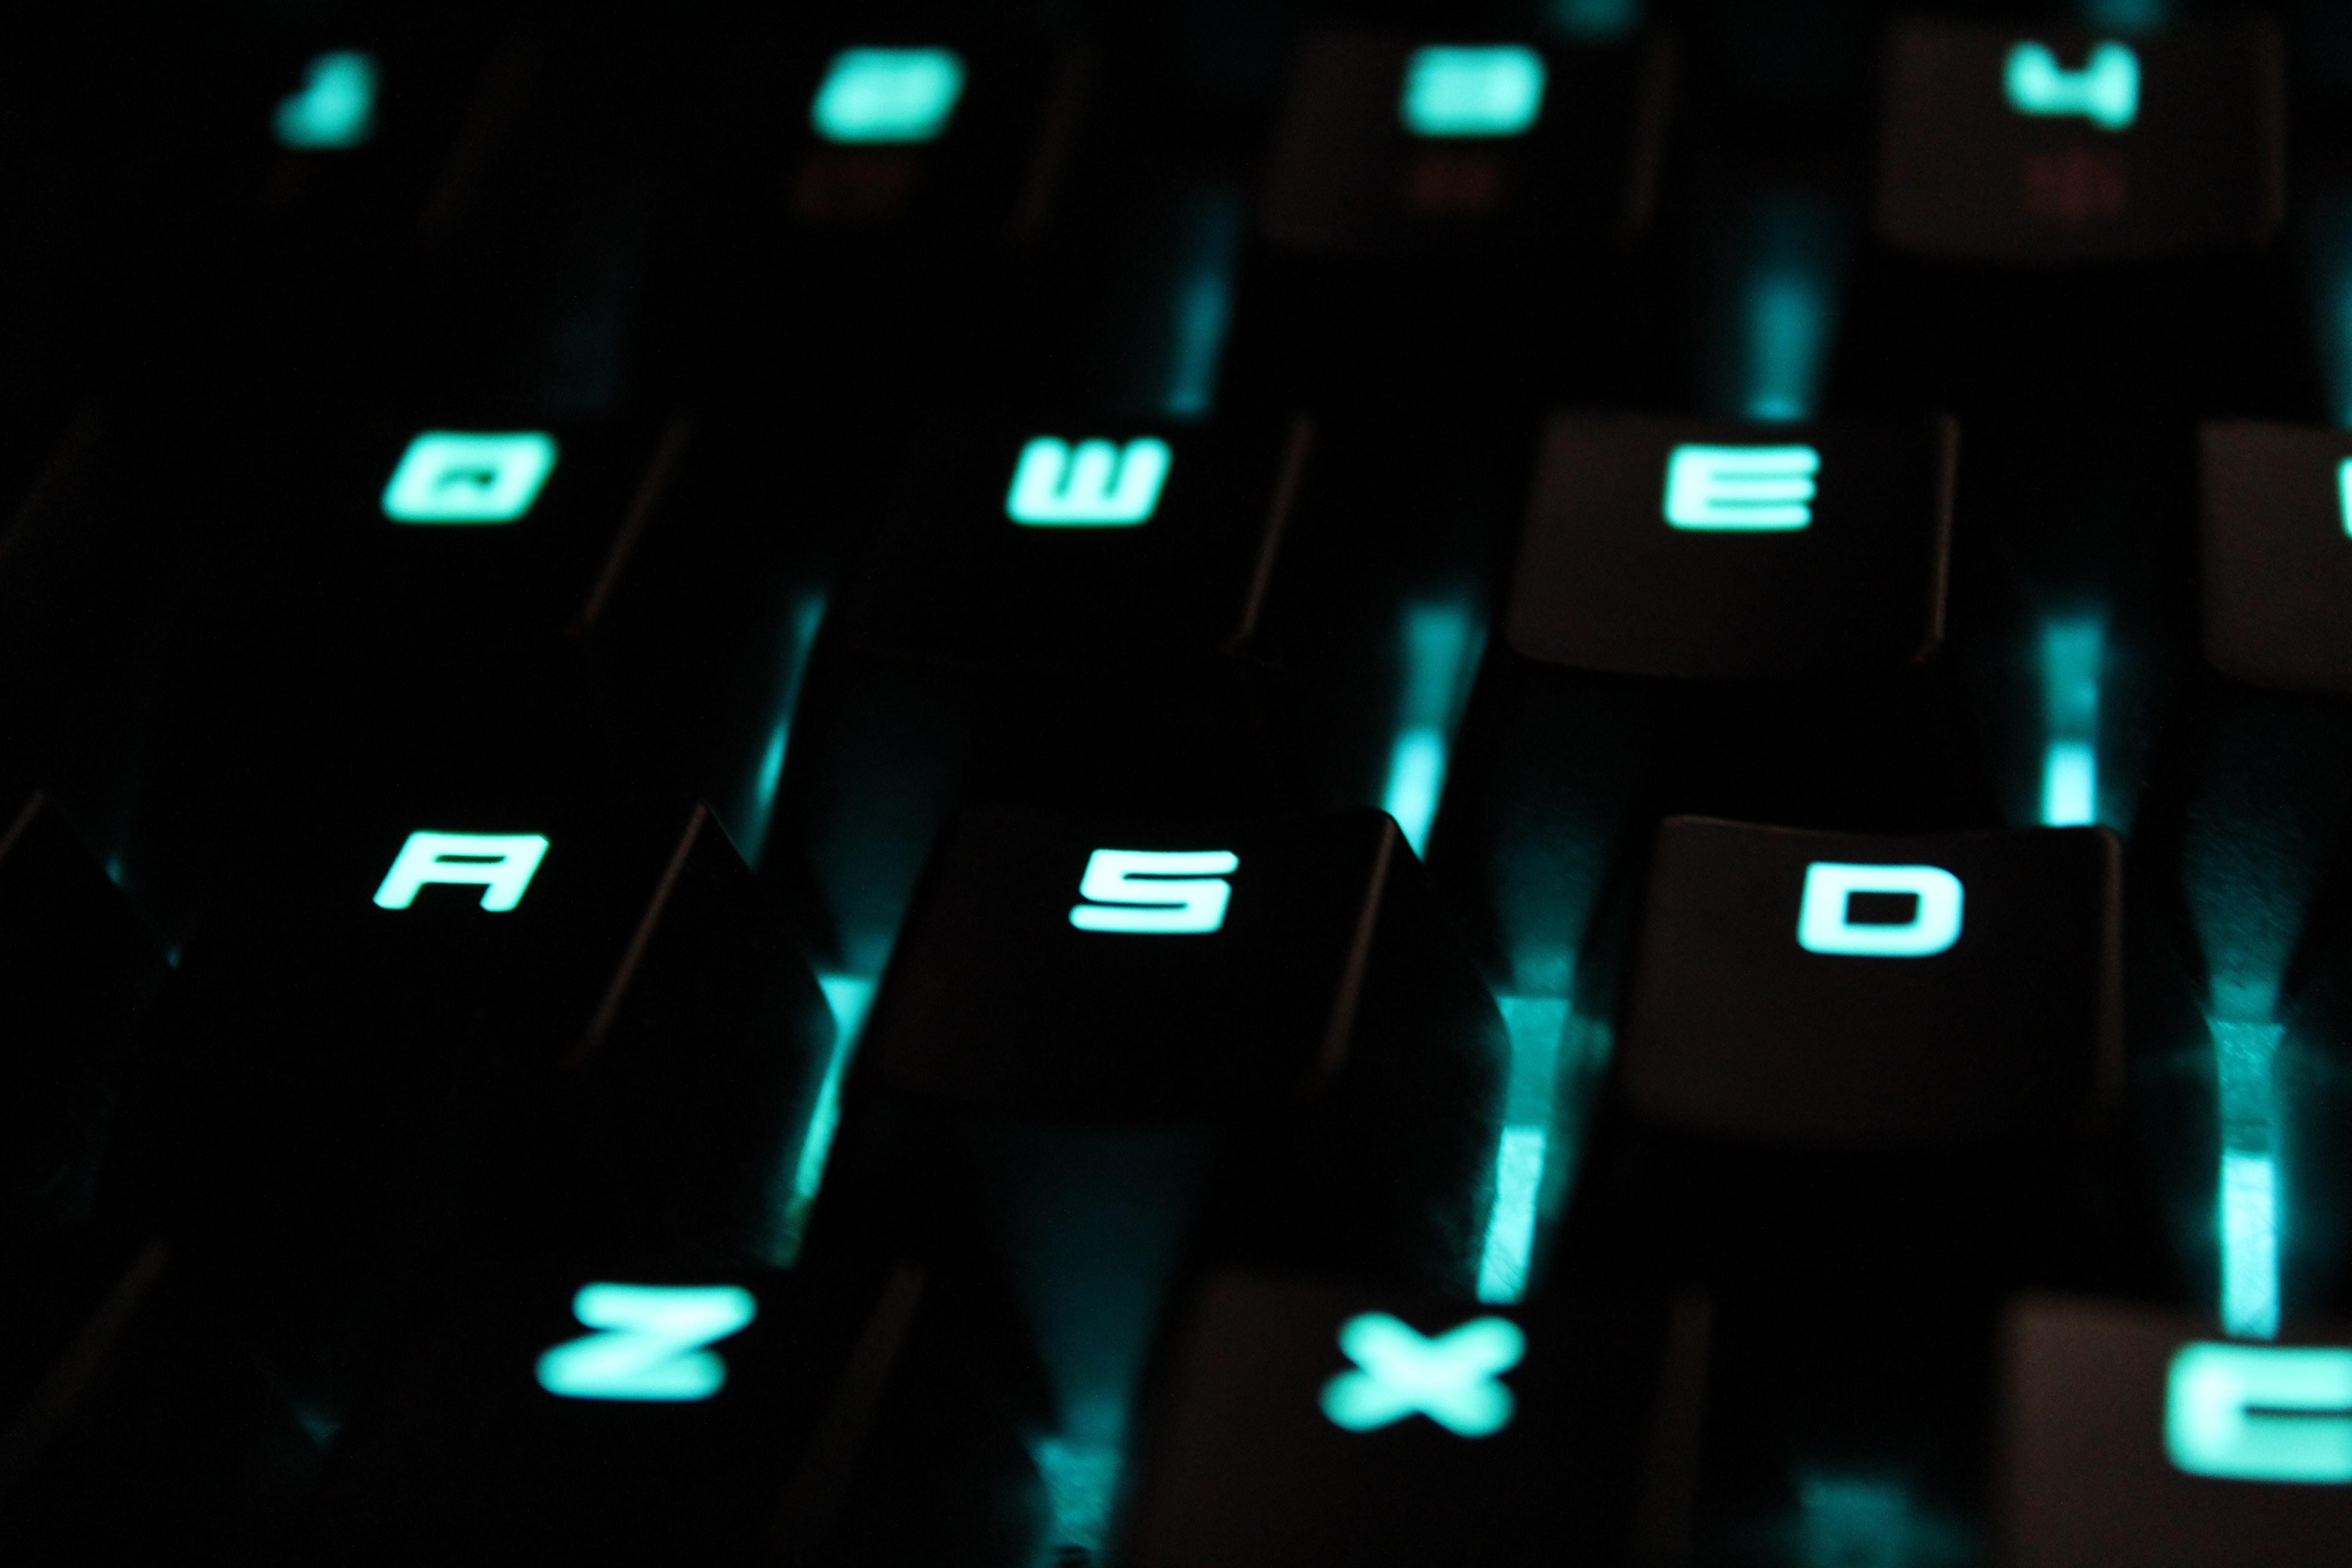 mechanical lightup keyboard